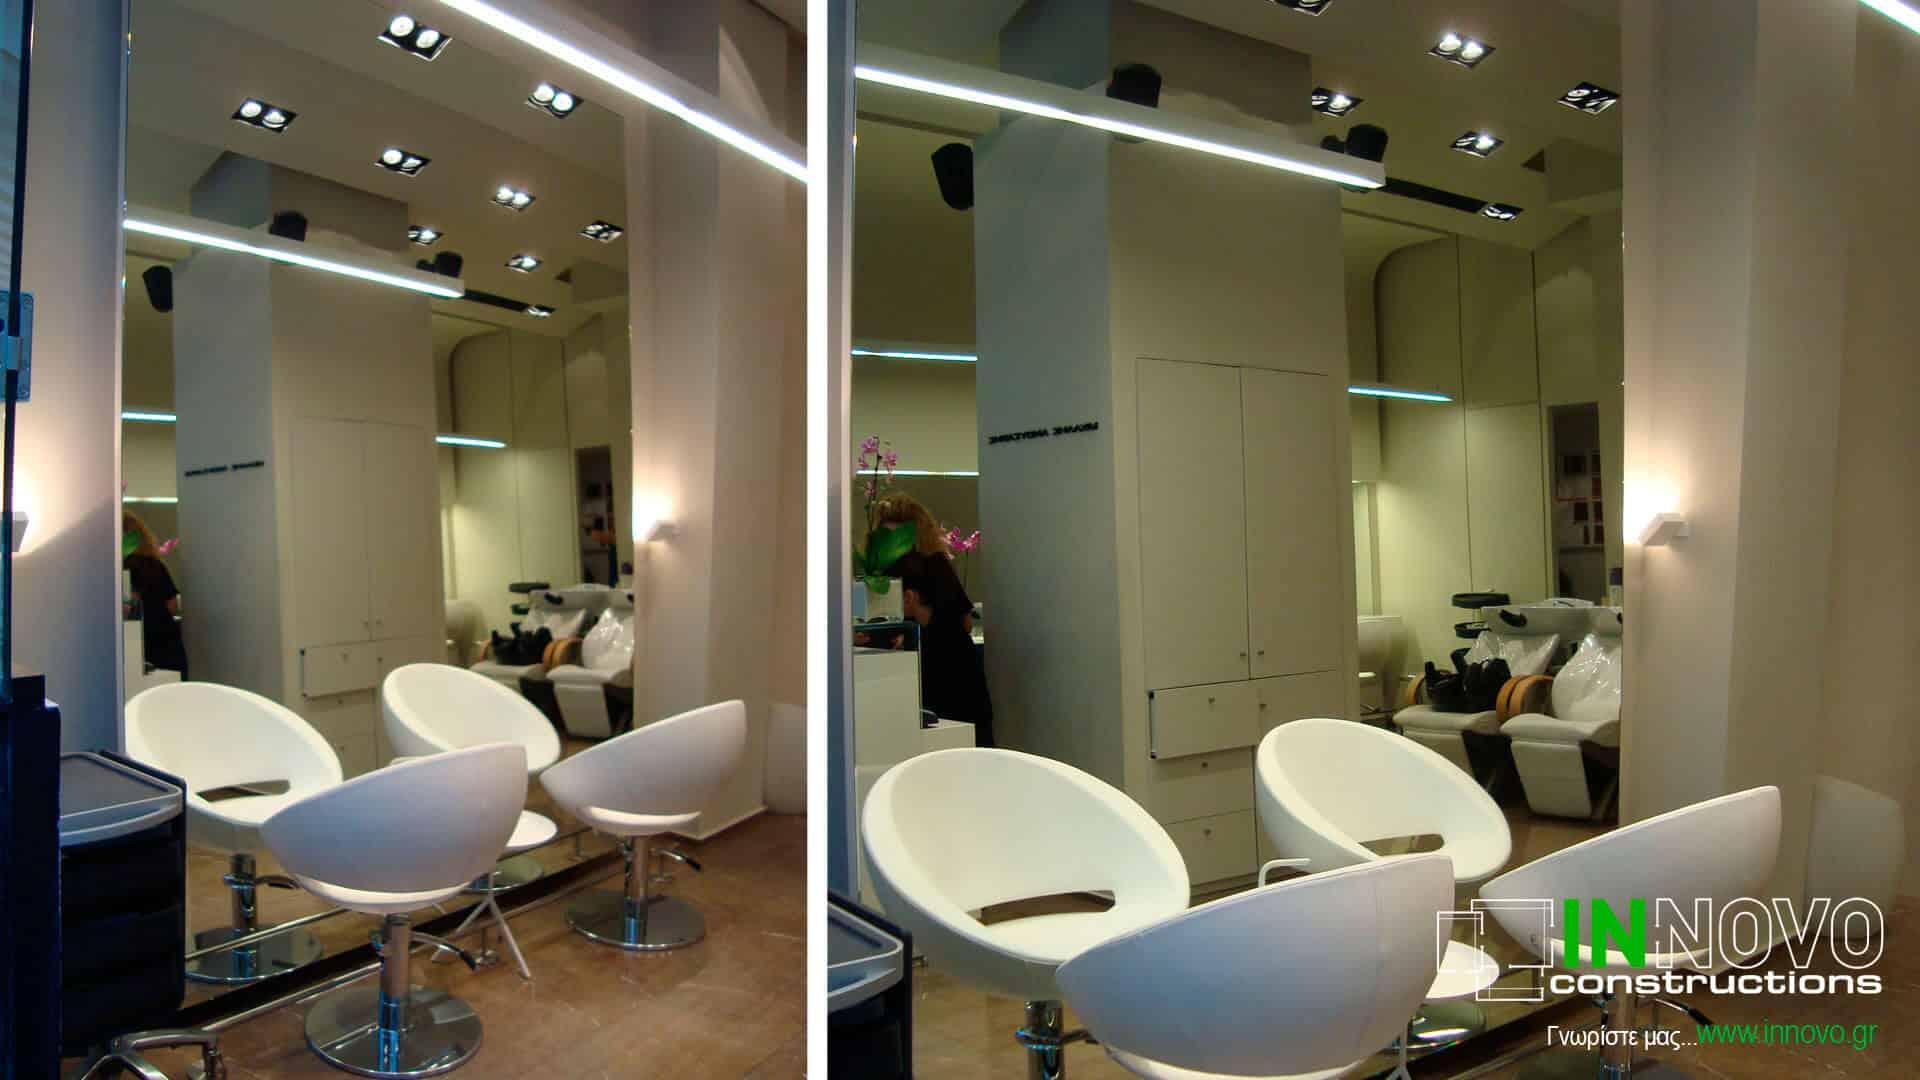 1-kataskevi-kommotiriou-hairdressers-construction-kommotirio-papageorgiou-1020-7